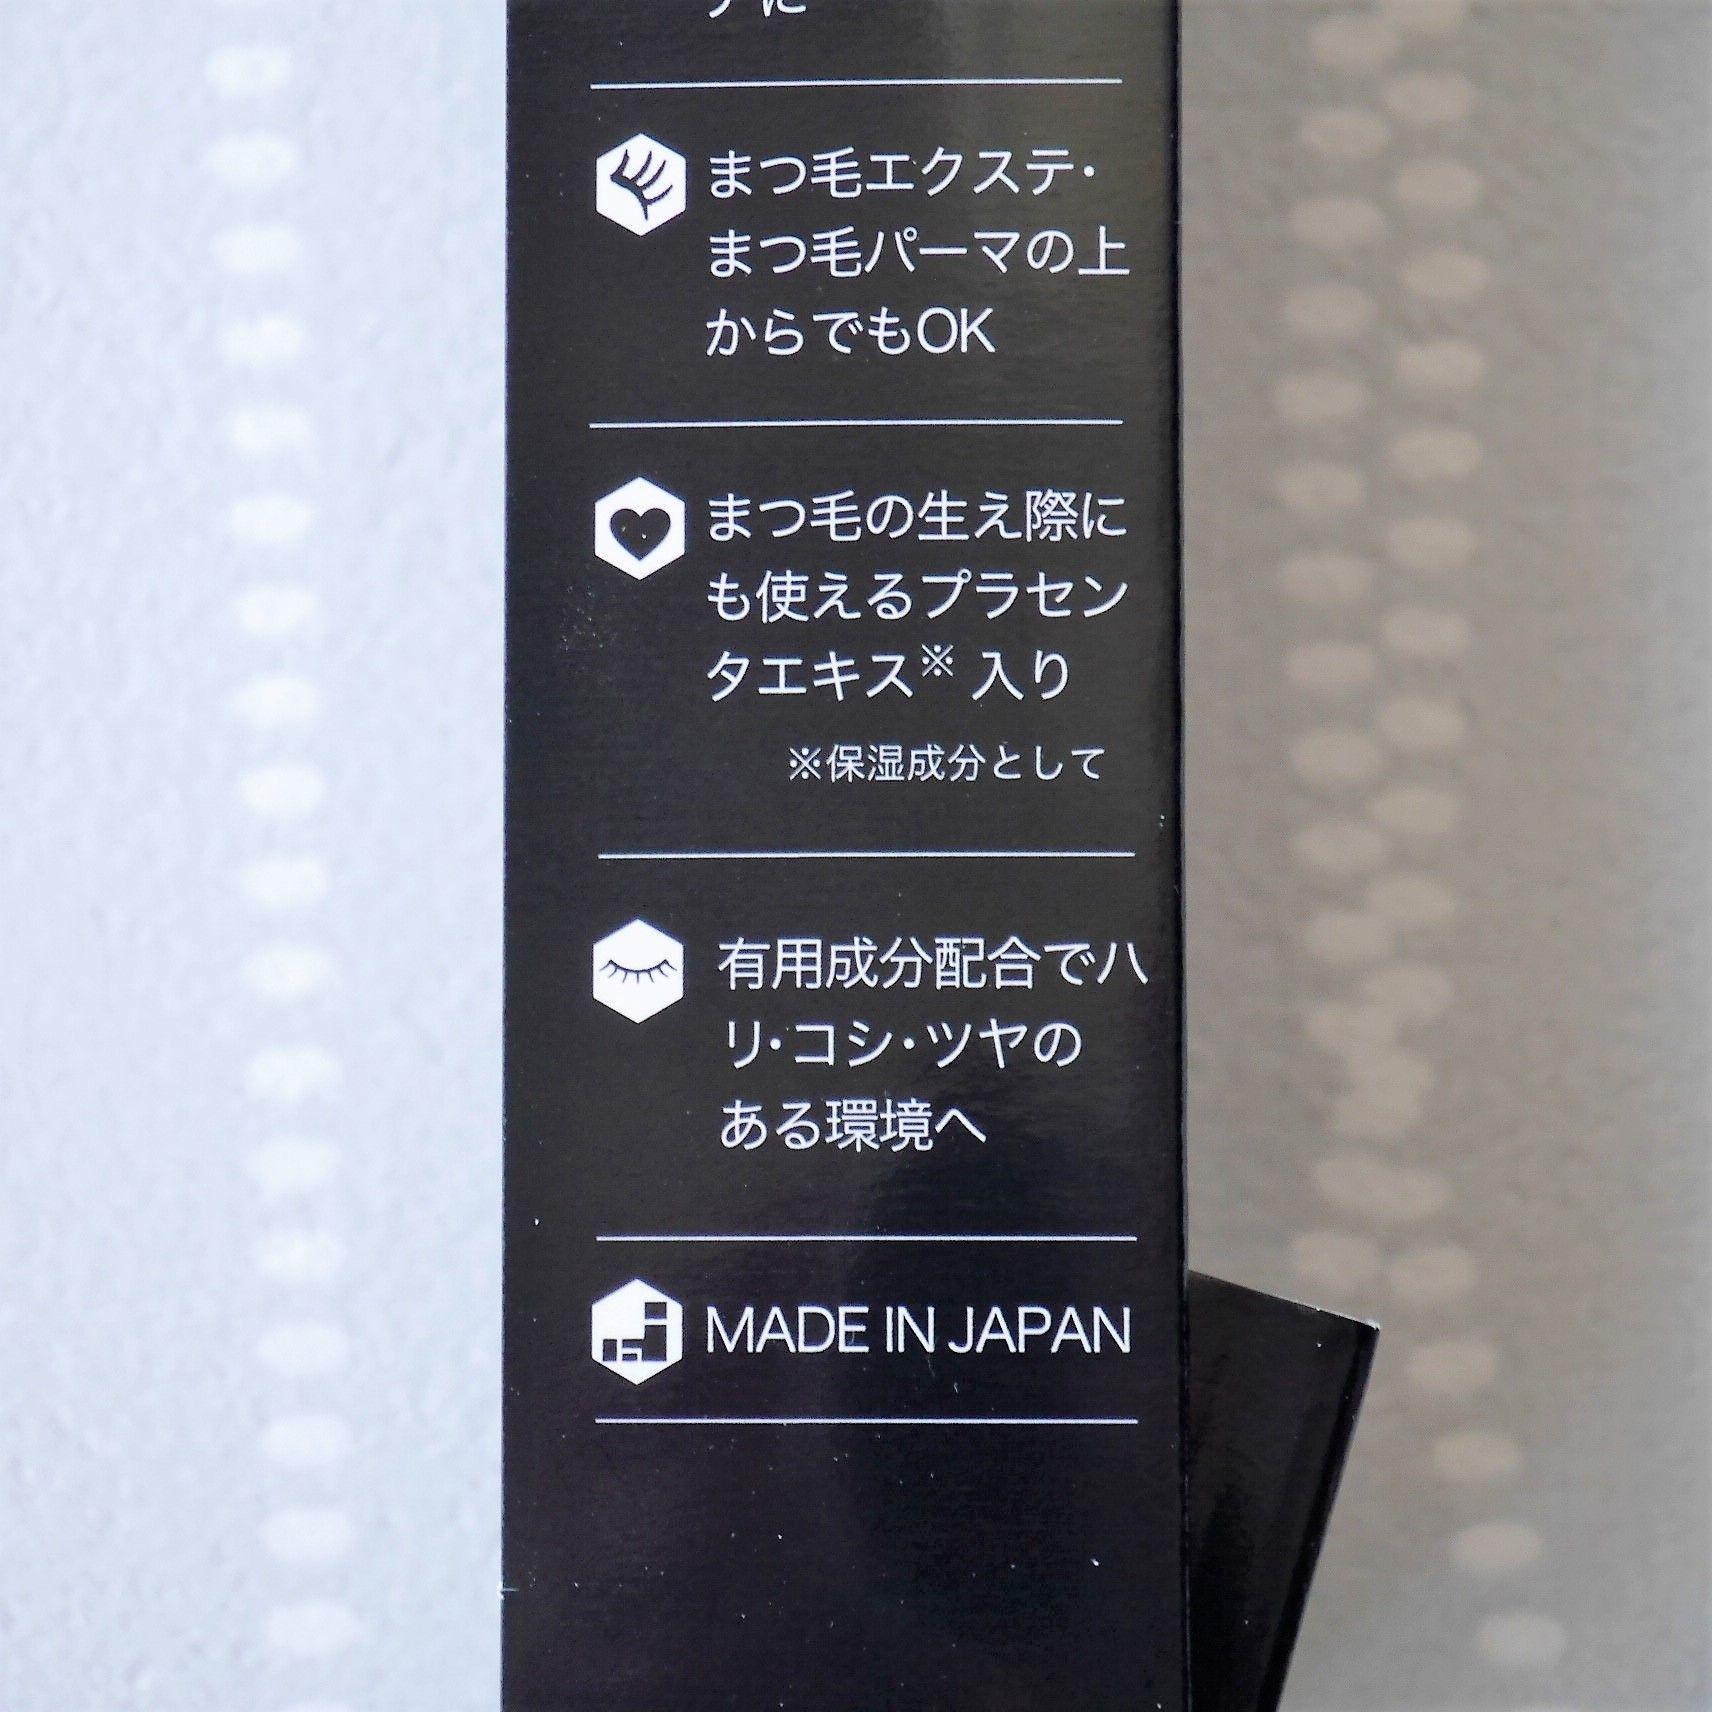 非分解プラセンタ高配合【まつげ美容液】_特徴